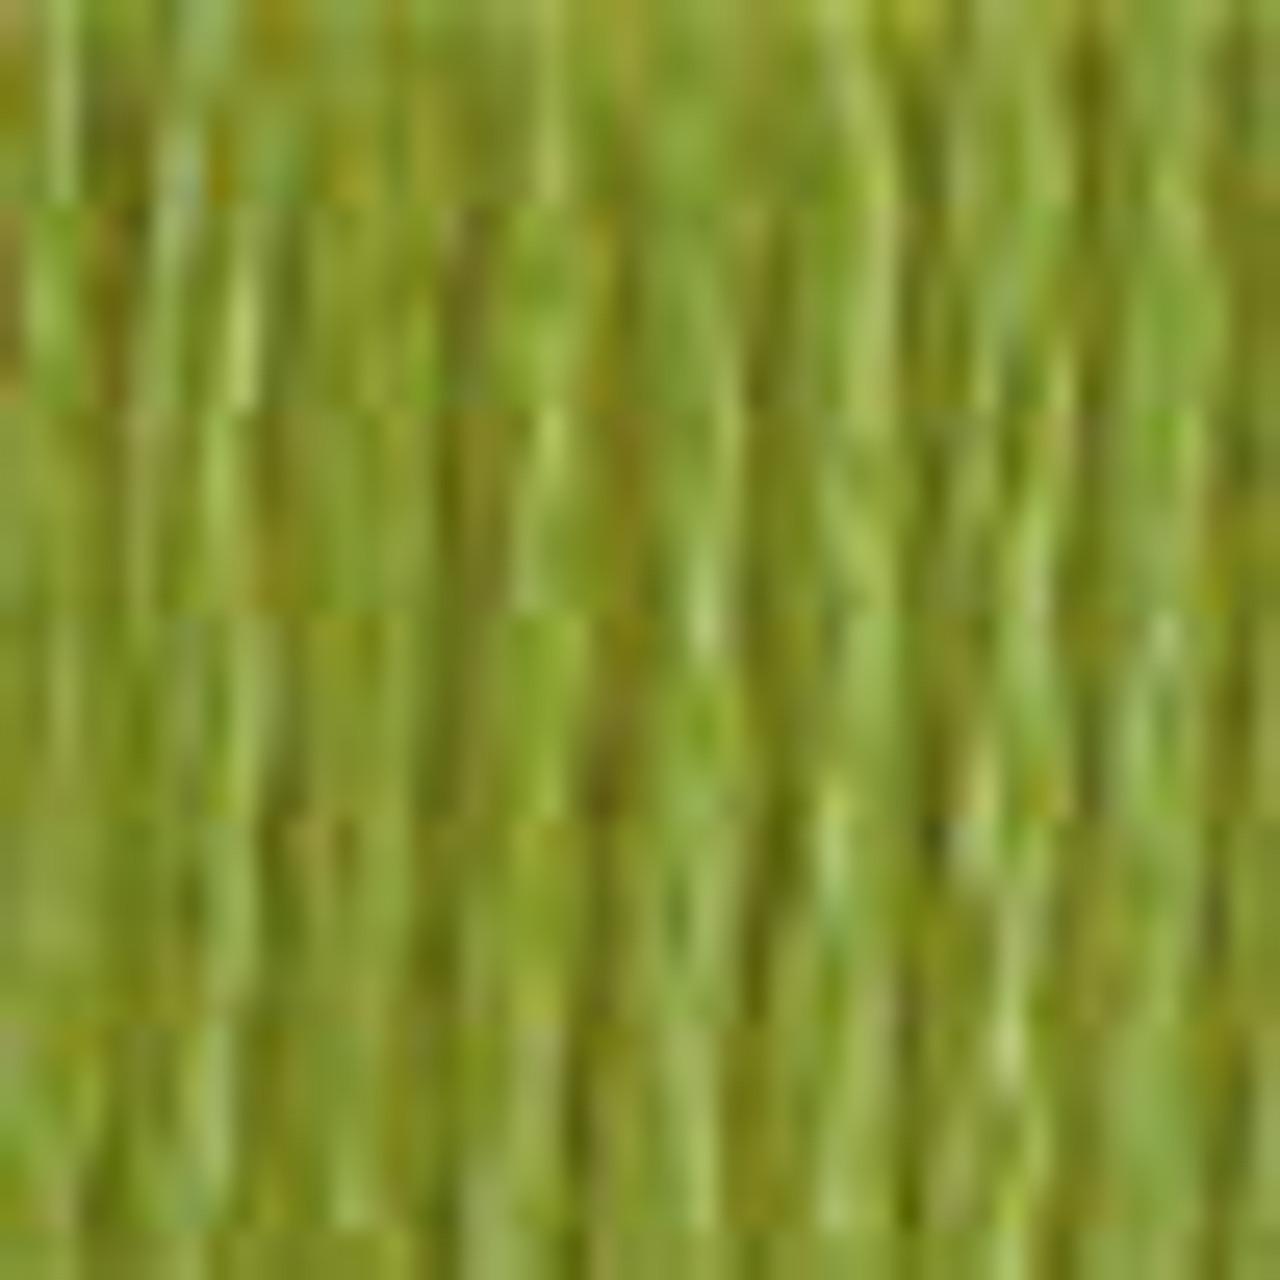 DMC # 581 Moss Green Floss / Thread